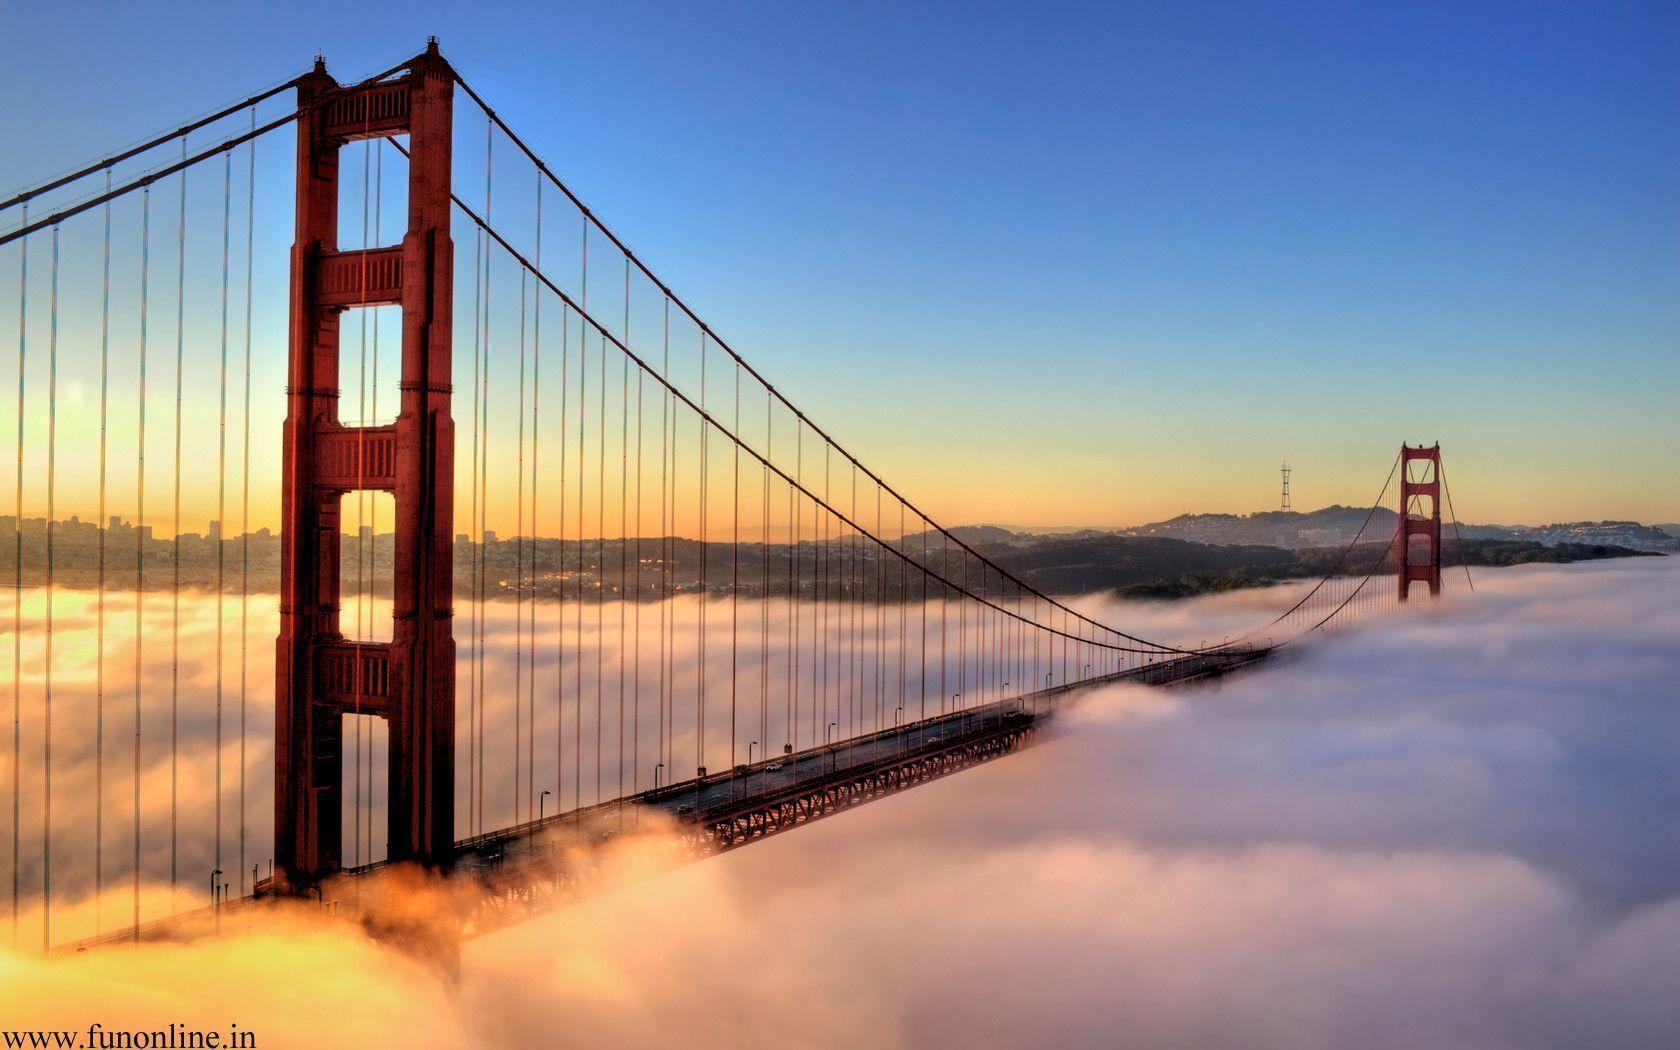 Foggy Sunrise at Golden Gate Bridge Wallpaper | Last Wallpaper